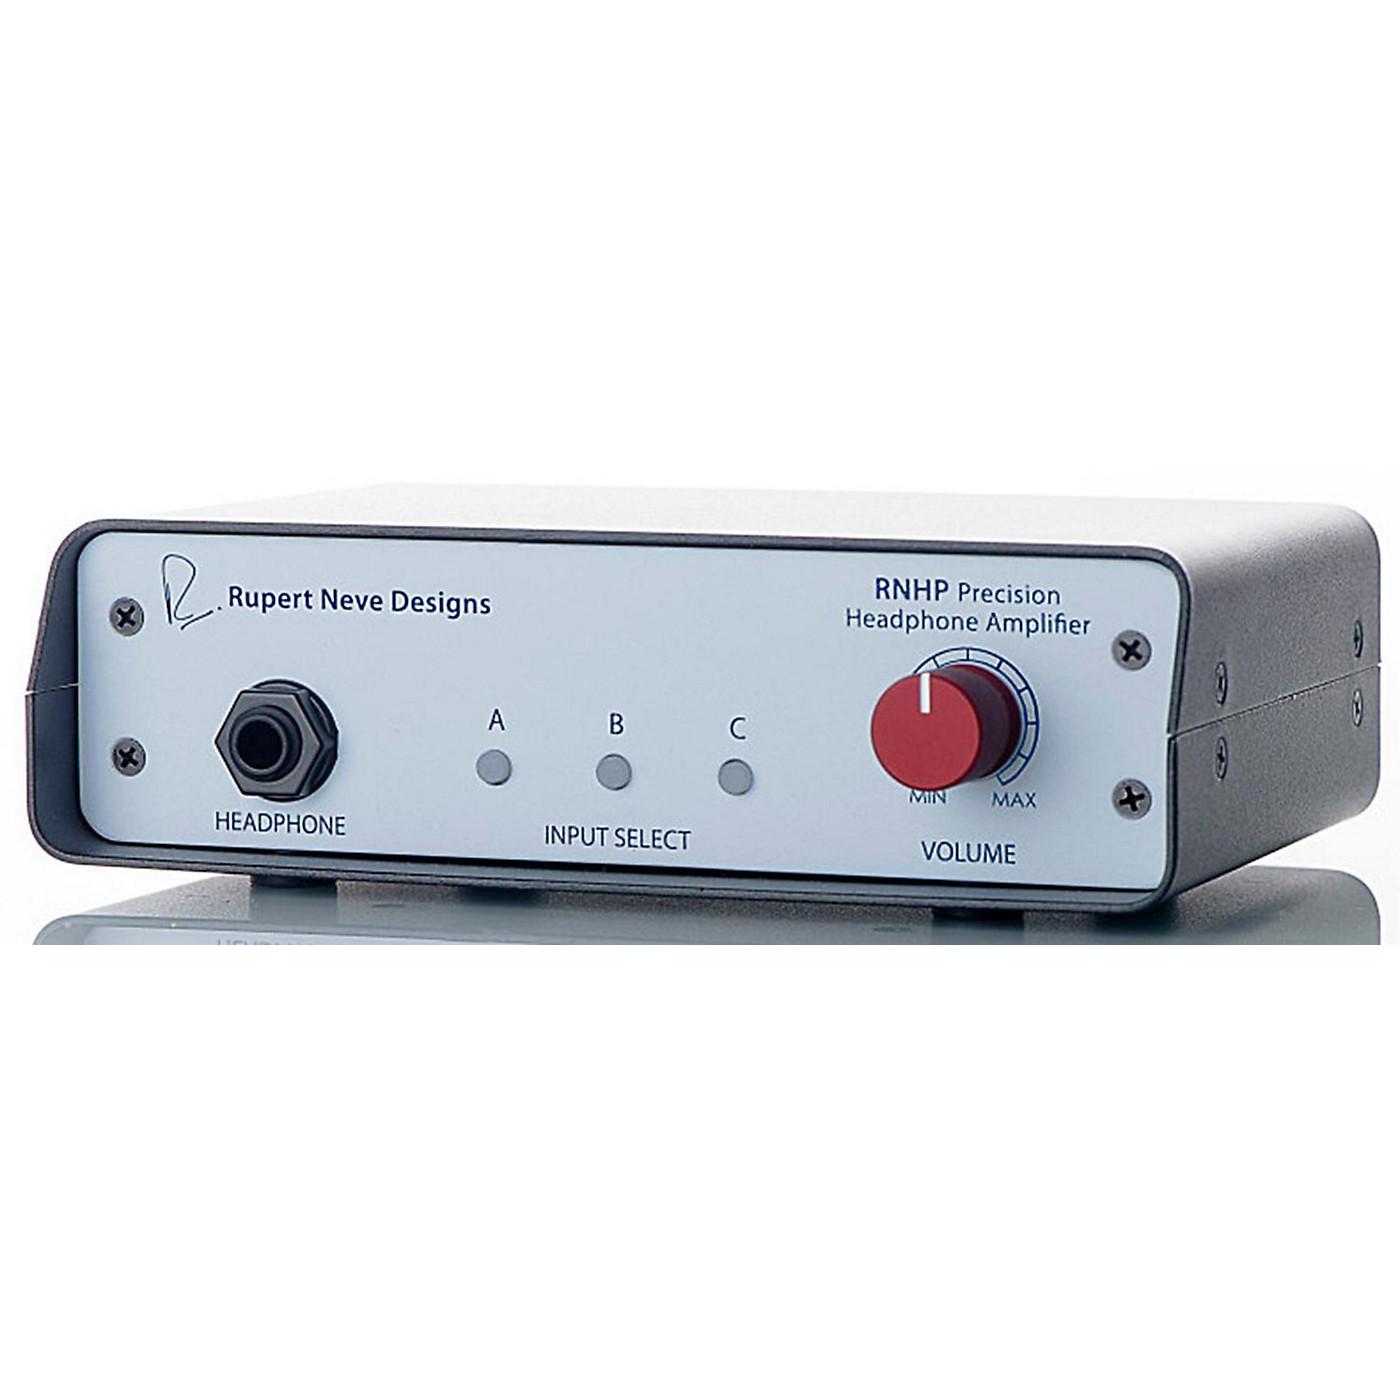 Rupert Neve Designs Precision Headphone Amplifier thumbnail